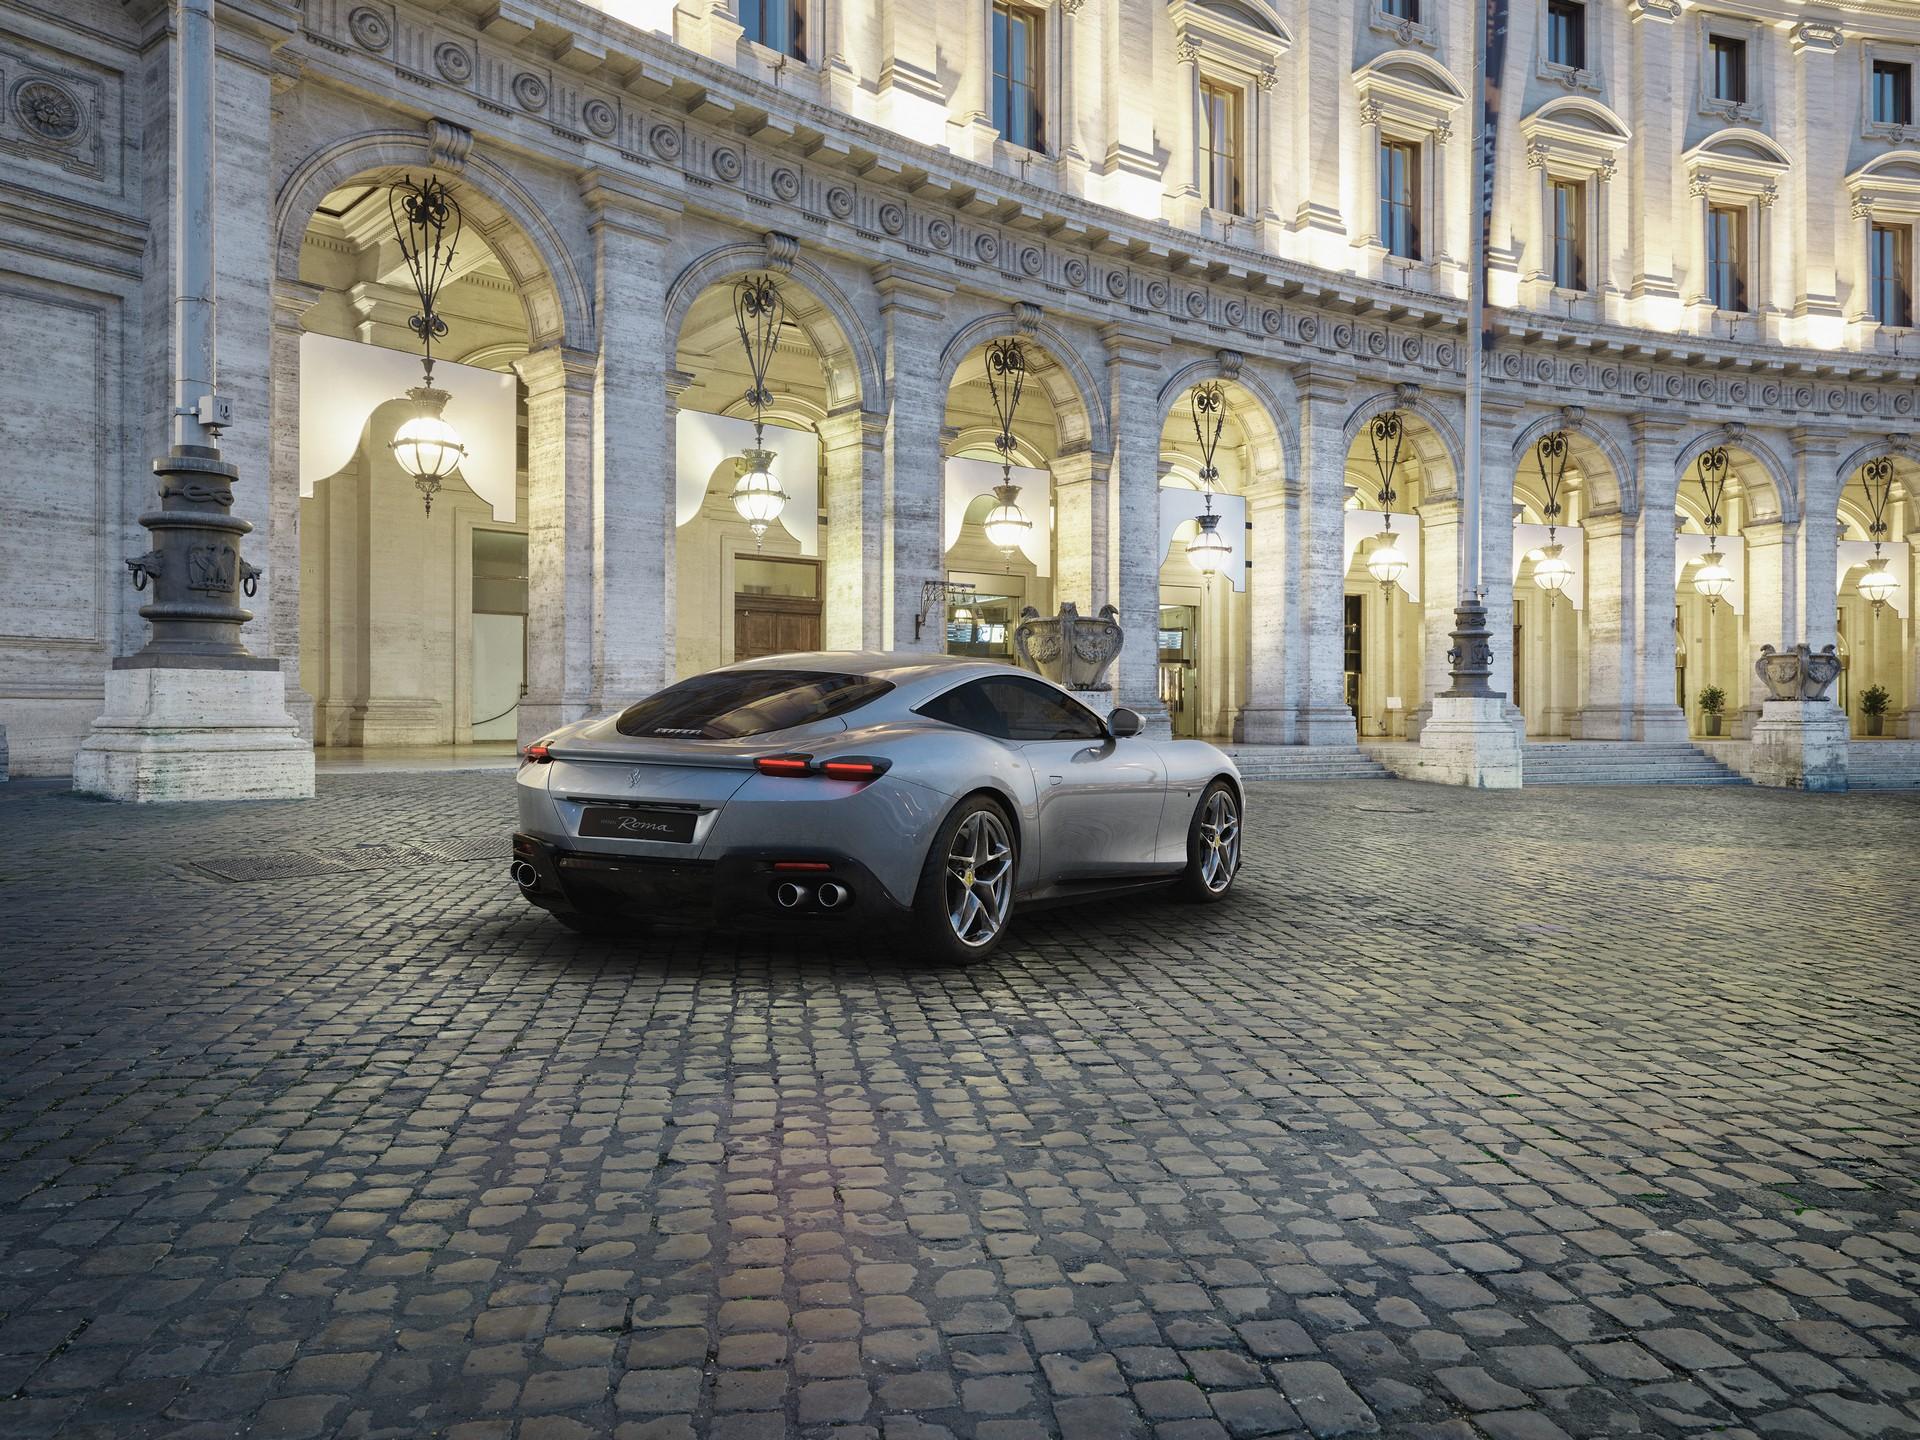 Ferrari công bố chi tiết siêu xe Grand Tourer Roma 612 HP mới - 5